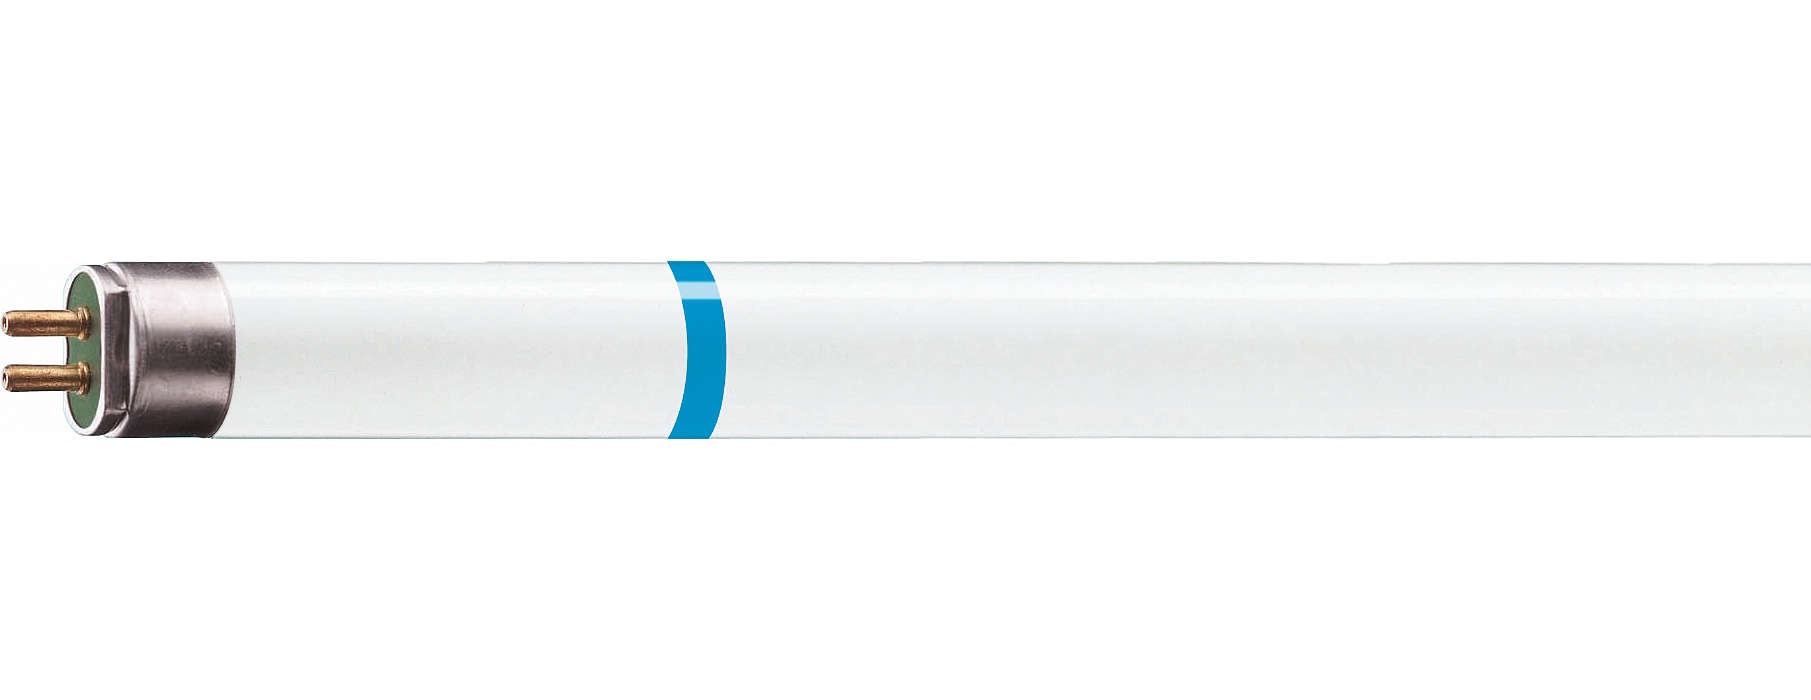 Hocheffiziente, splittergeschützte Leuchtstofflampe